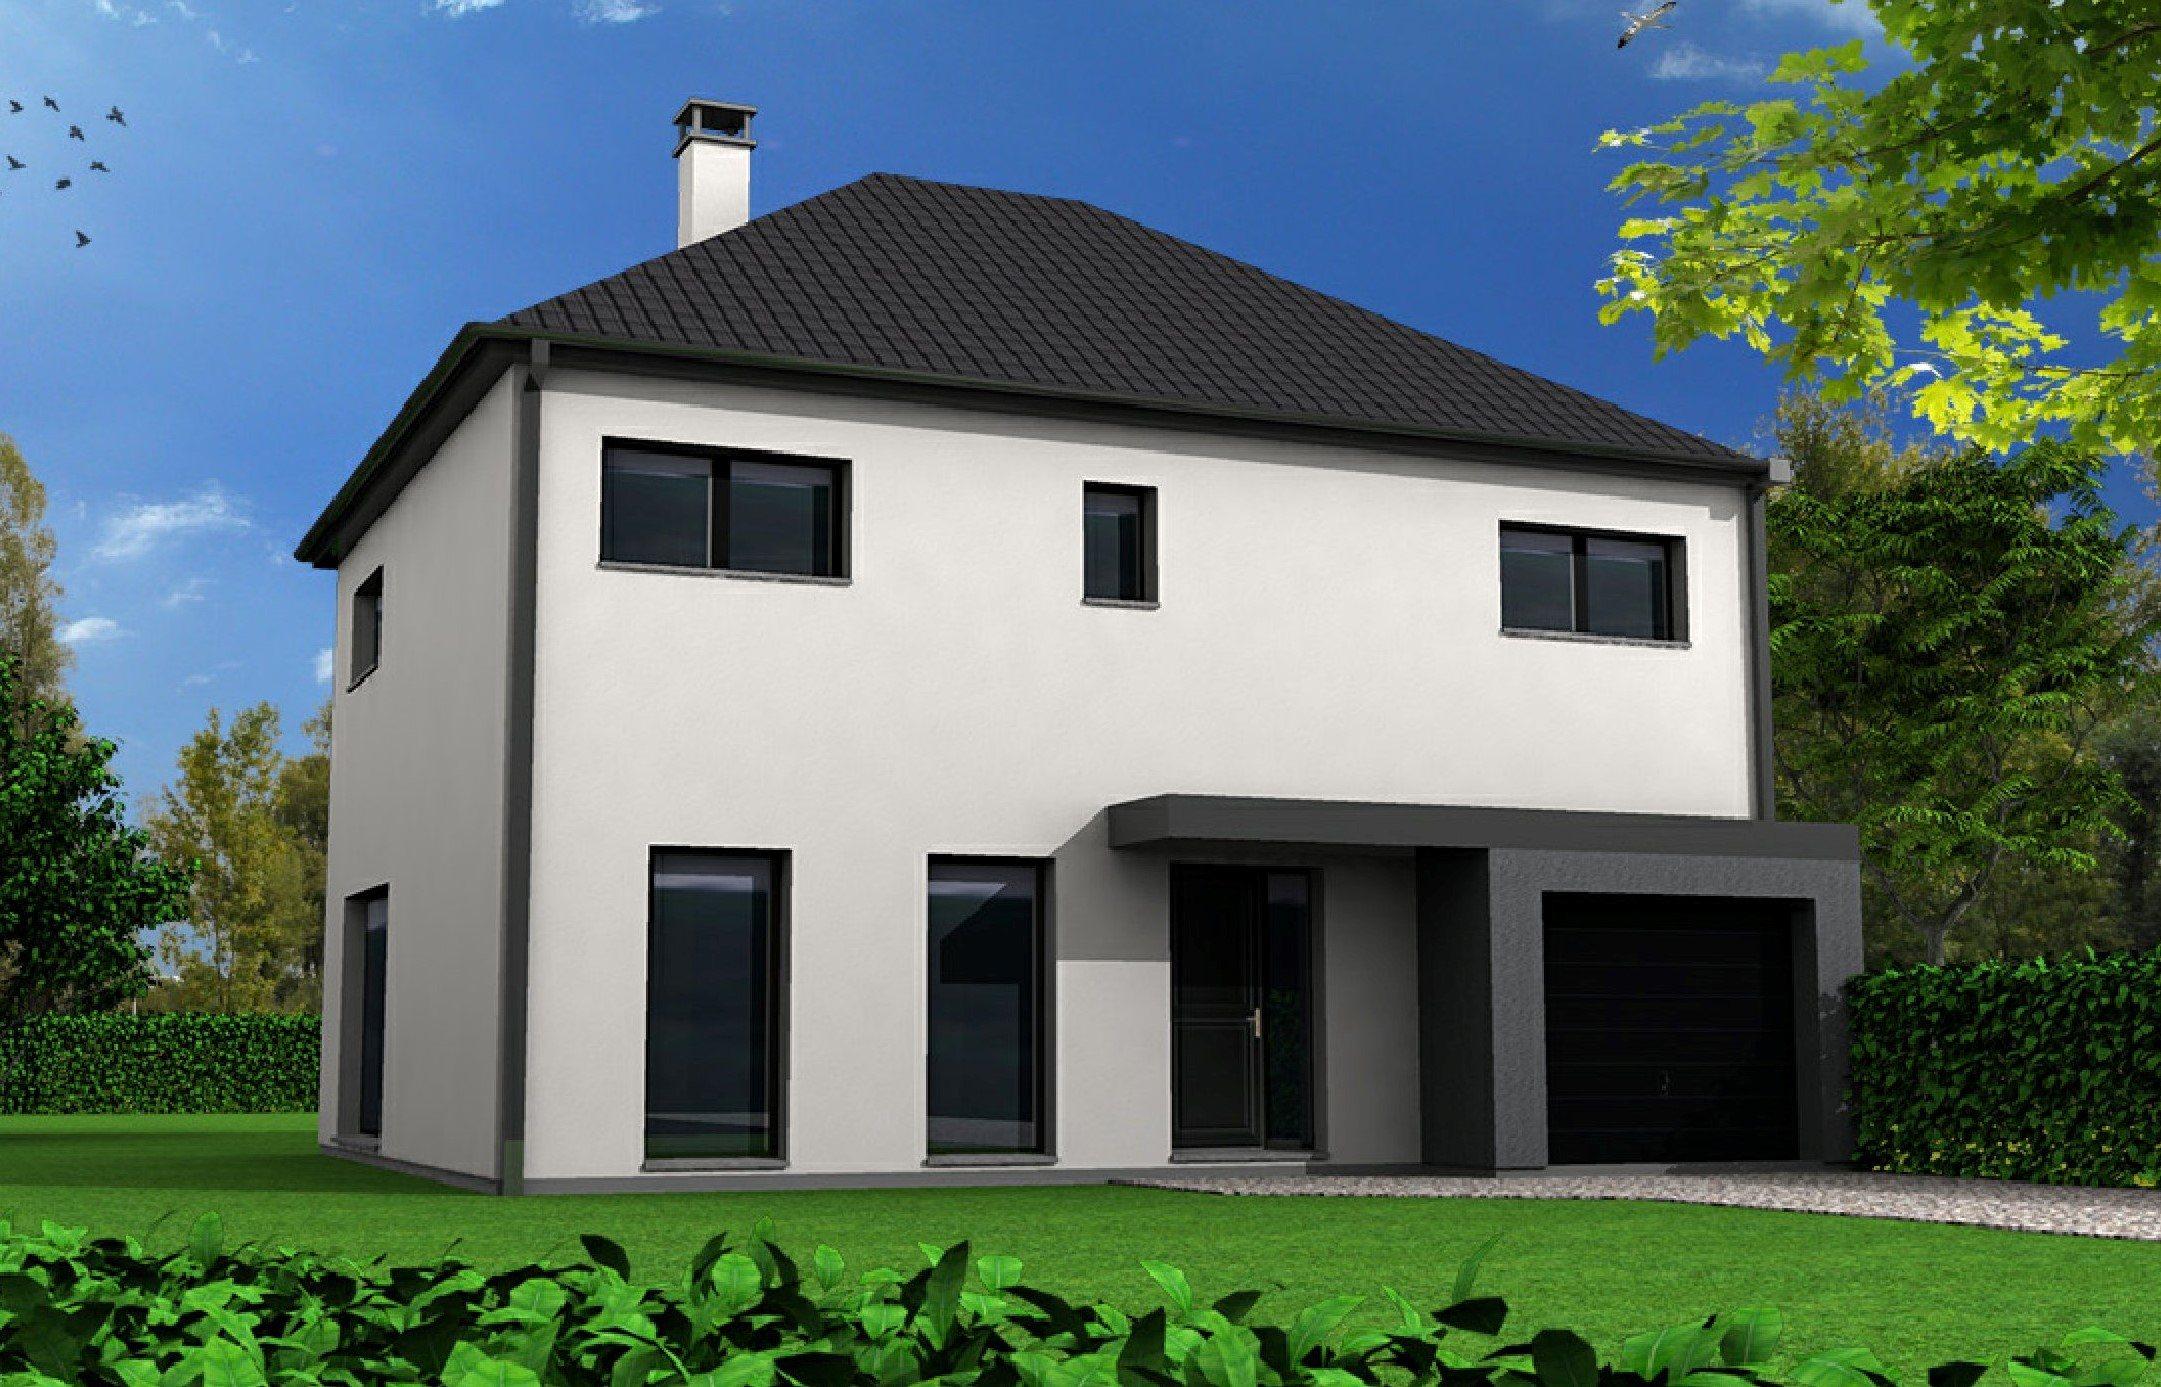 Maisons + Terrains du constructeur MAISON FAMILIALE • 128 m² • NEUF BERQUIN